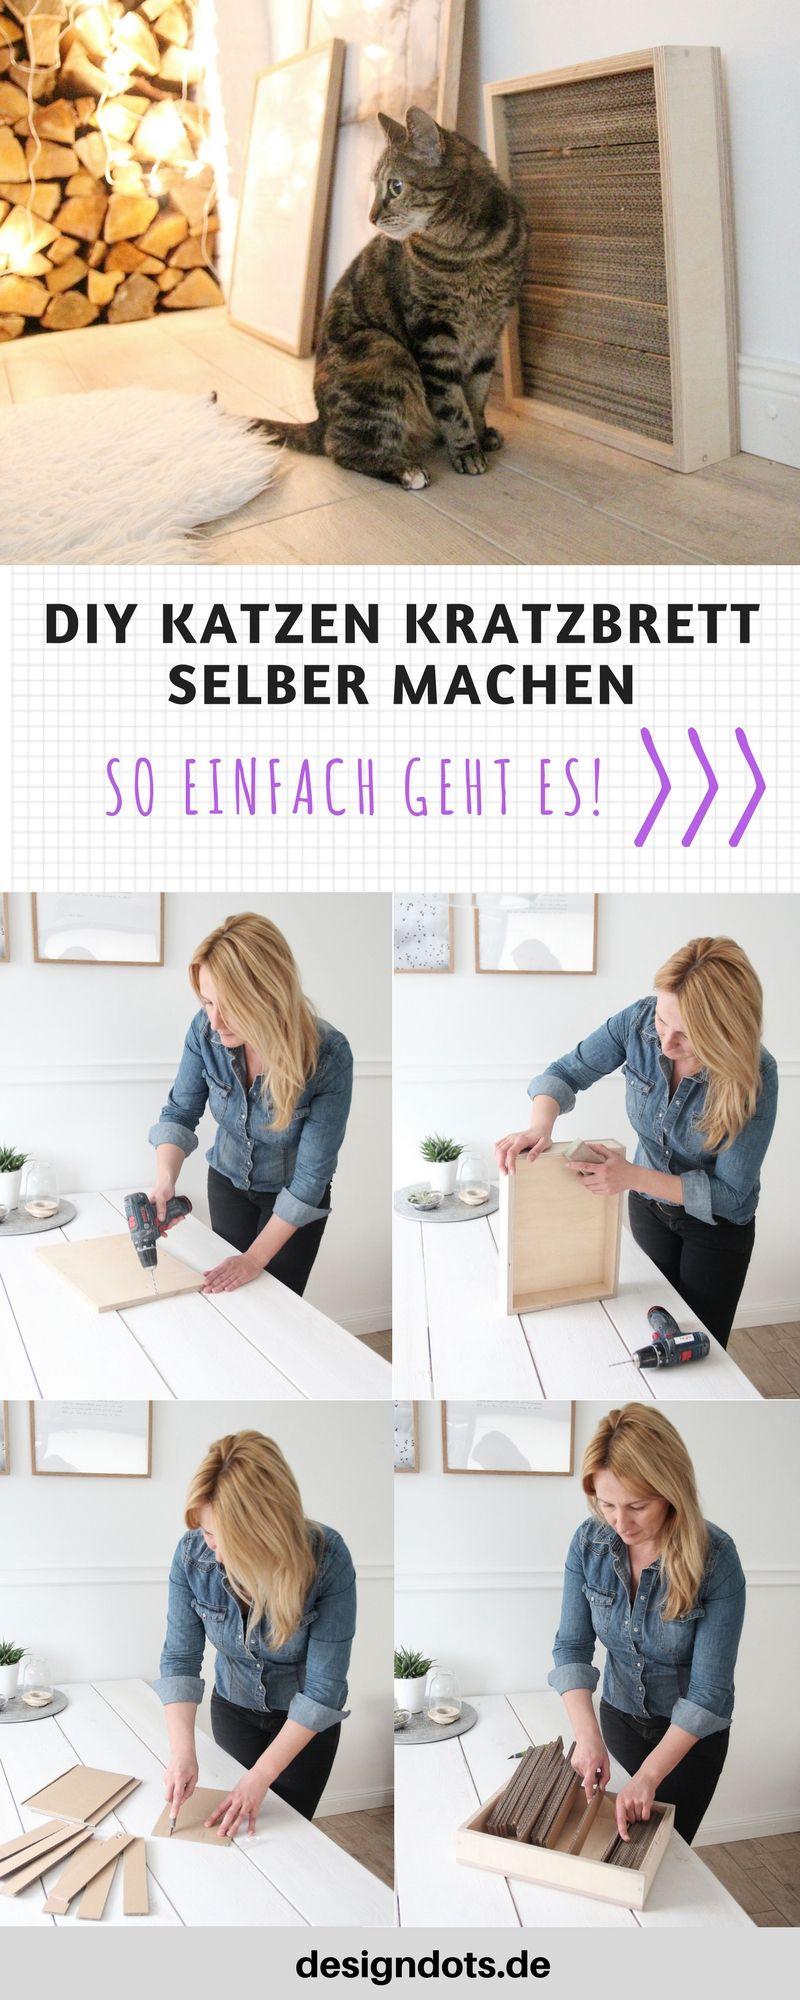 diy katzen kratzbrett selber machen design dots blog und zuhause pinterest gato mundo. Black Bedroom Furniture Sets. Home Design Ideas